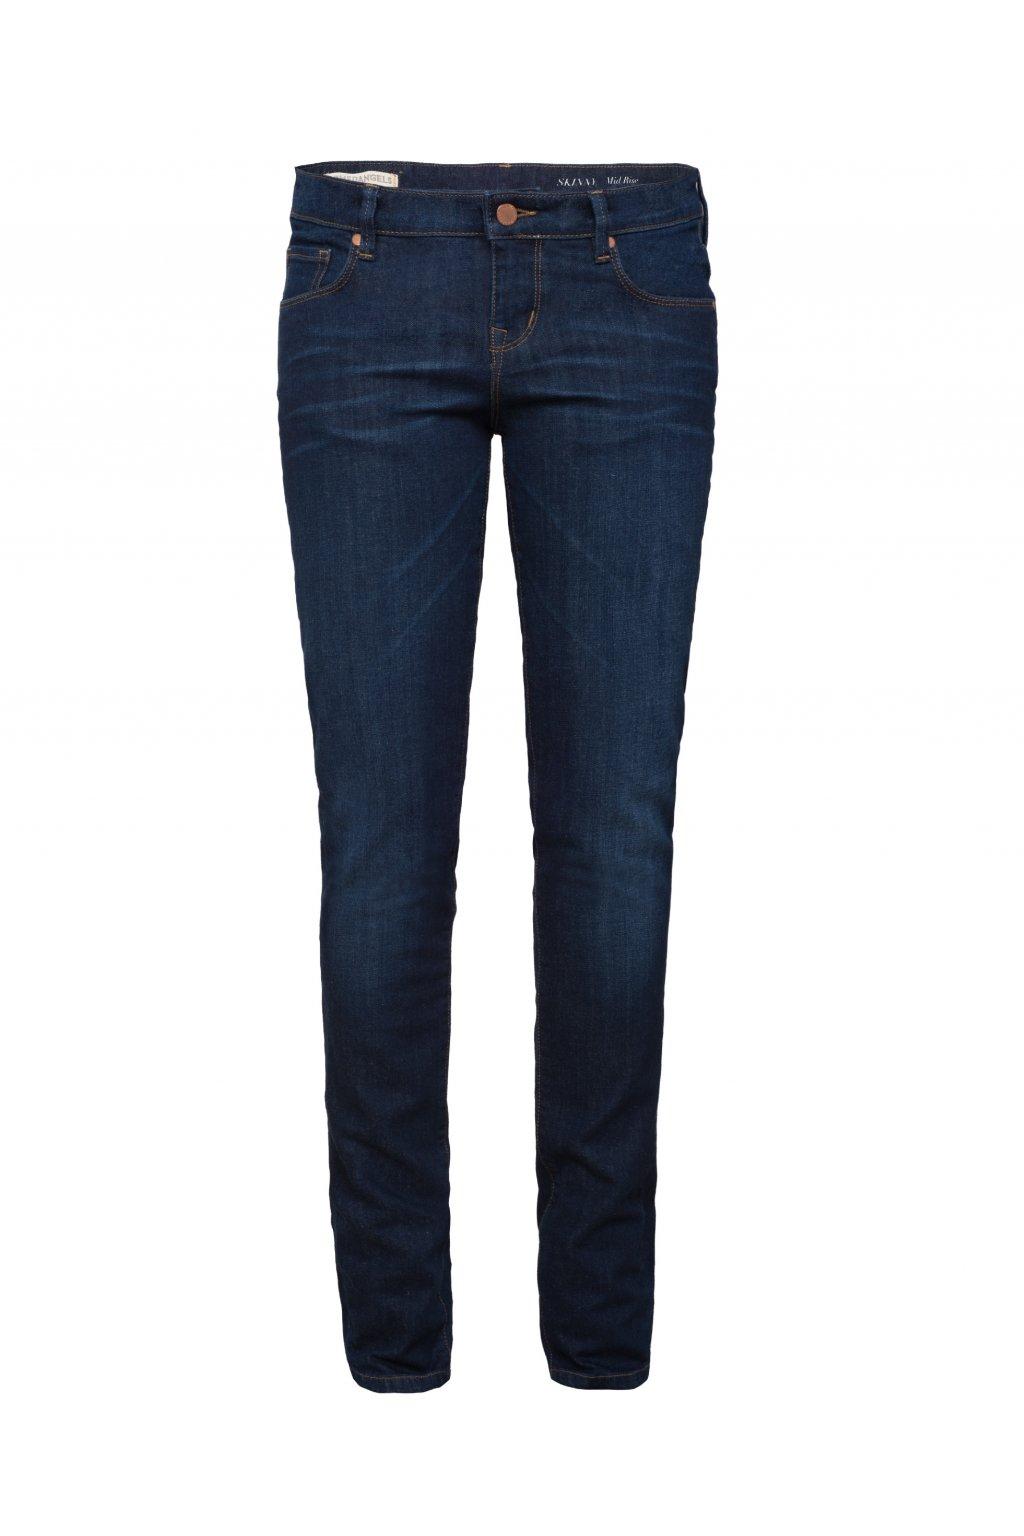 """Dámské modré slim džíny z biobavlny """"Tilly"""" (Velikost 26/32)"""